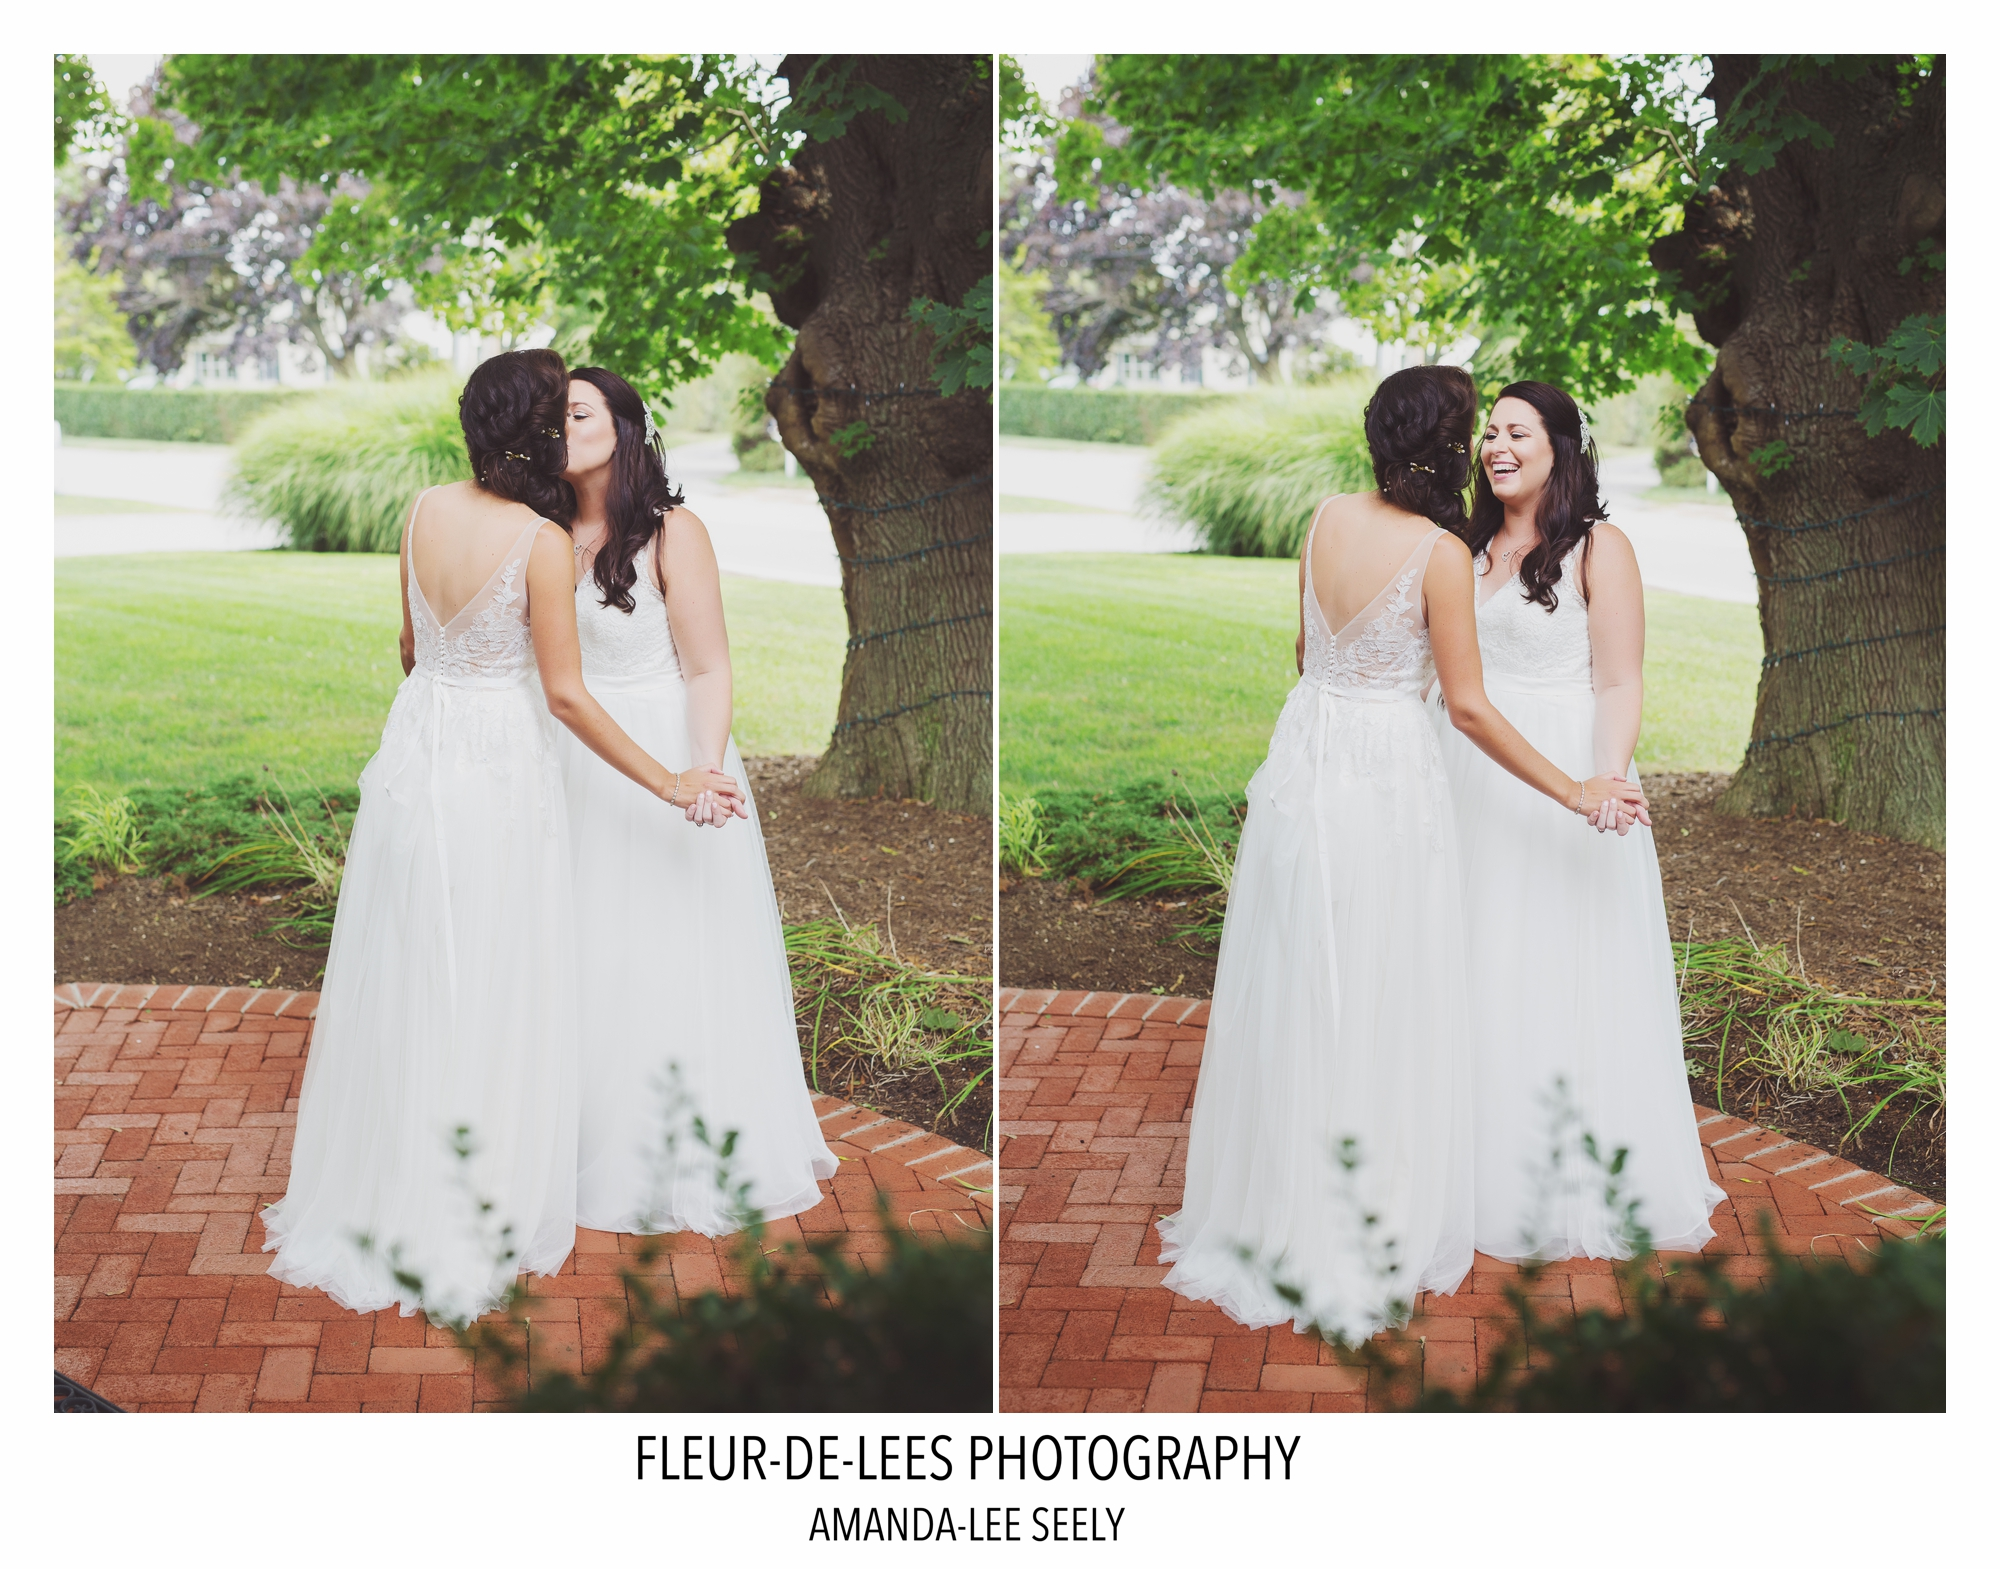 BLOG RACHEL AND AMANDA WEDDING 13